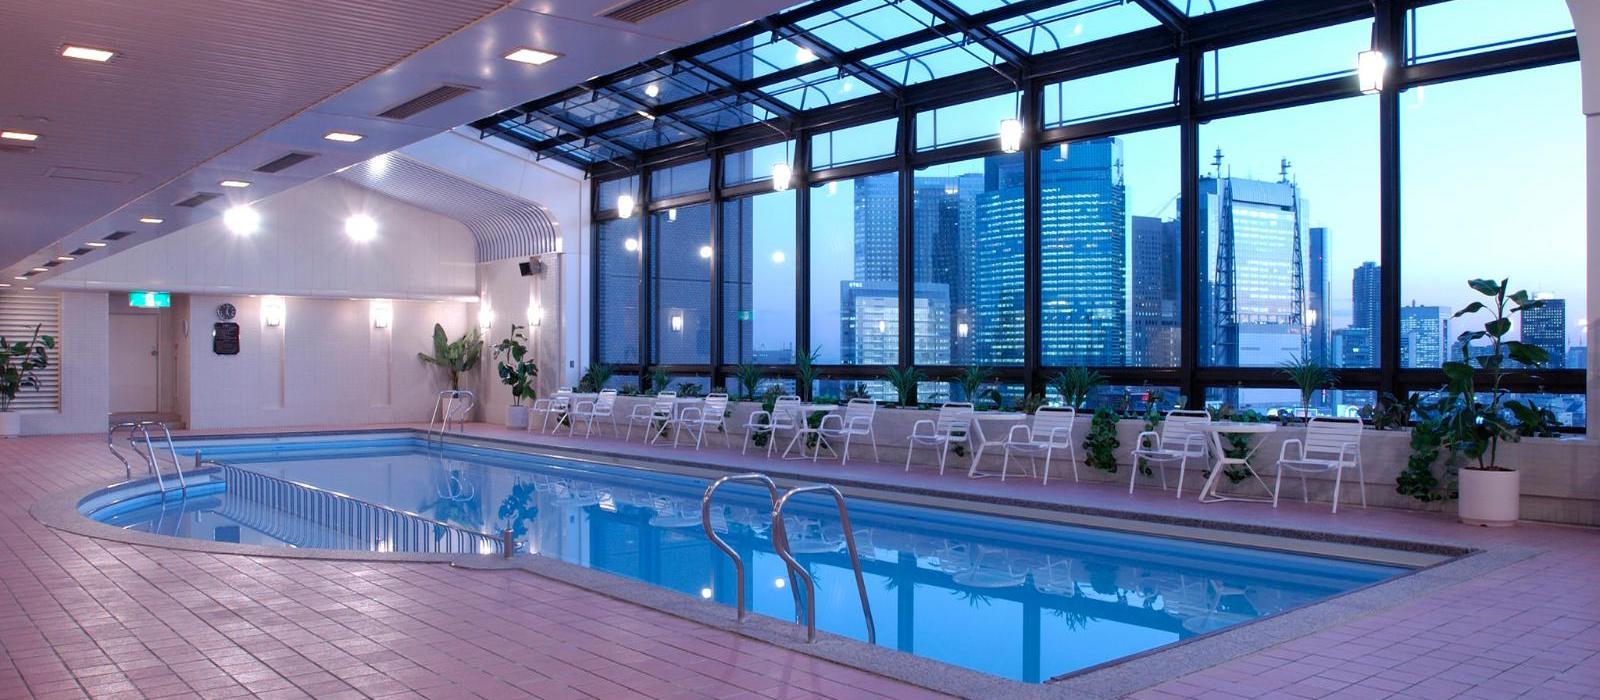 东京帝国酒店(Imperial Hotel Tokyo) 泳池图片  www.lhw.cn